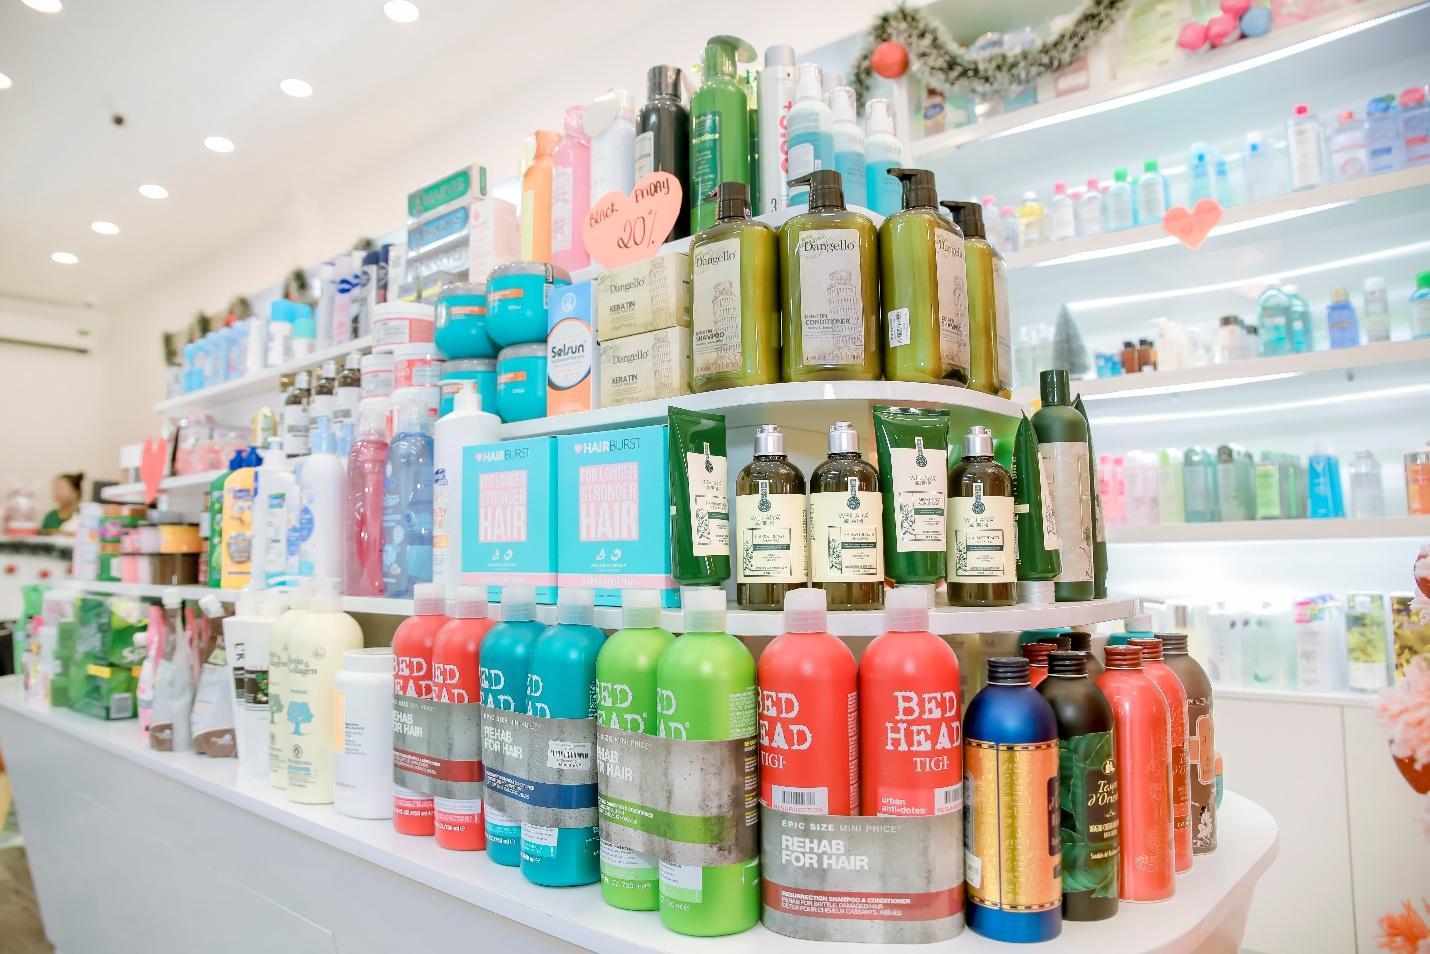 Trần Phi Yến Store – Shop thời trang, mỹ phẩm quen thuộc của phái đẹp Đồng Nai - Ảnh 4